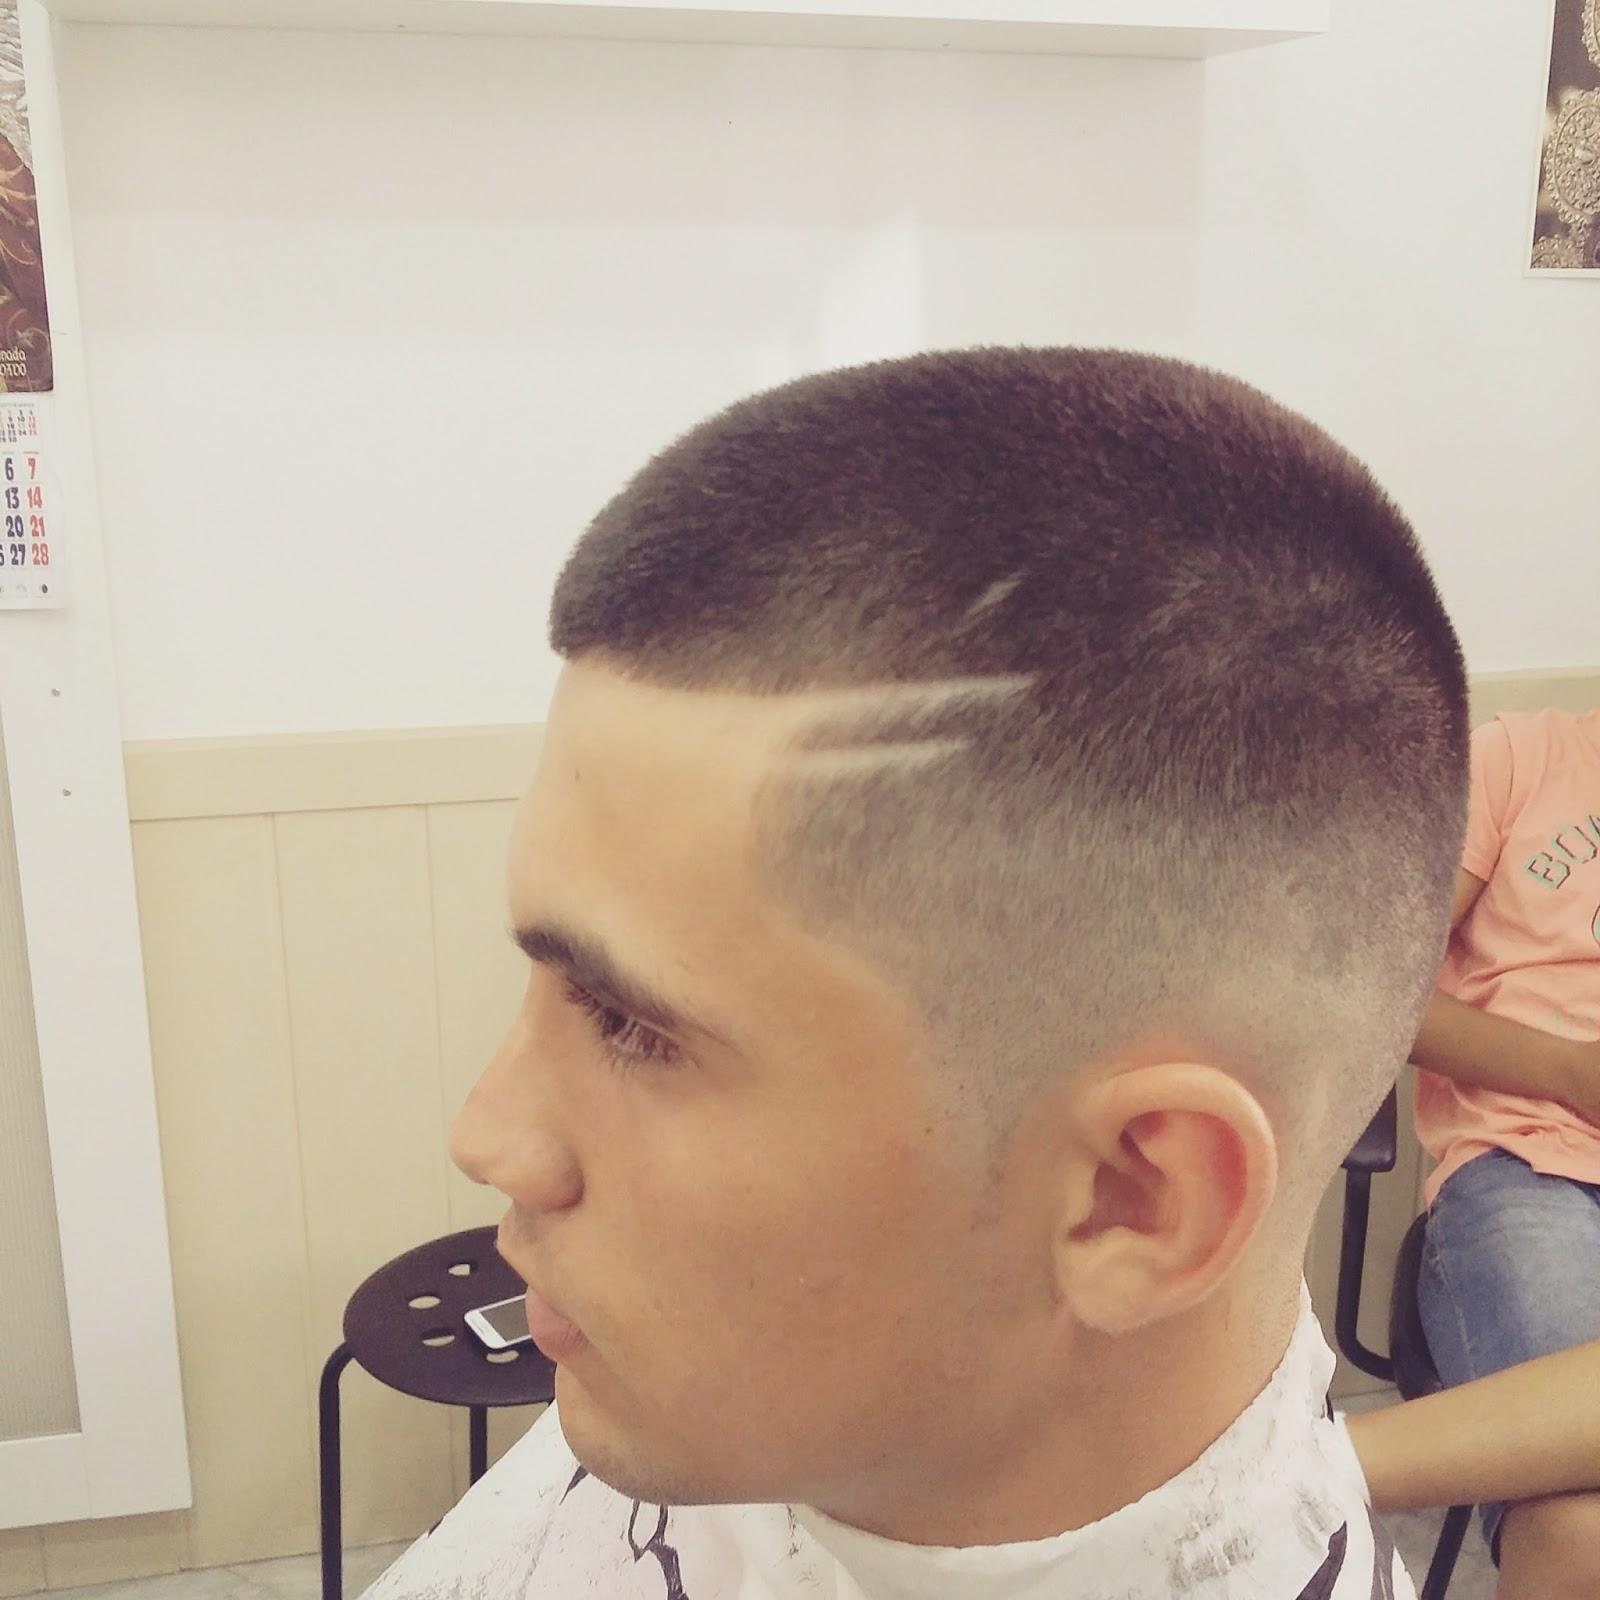 Peluquer a caballeros nuevo estilo nuevos cortes con dibujos - Nuevo estilo peluqueria ...